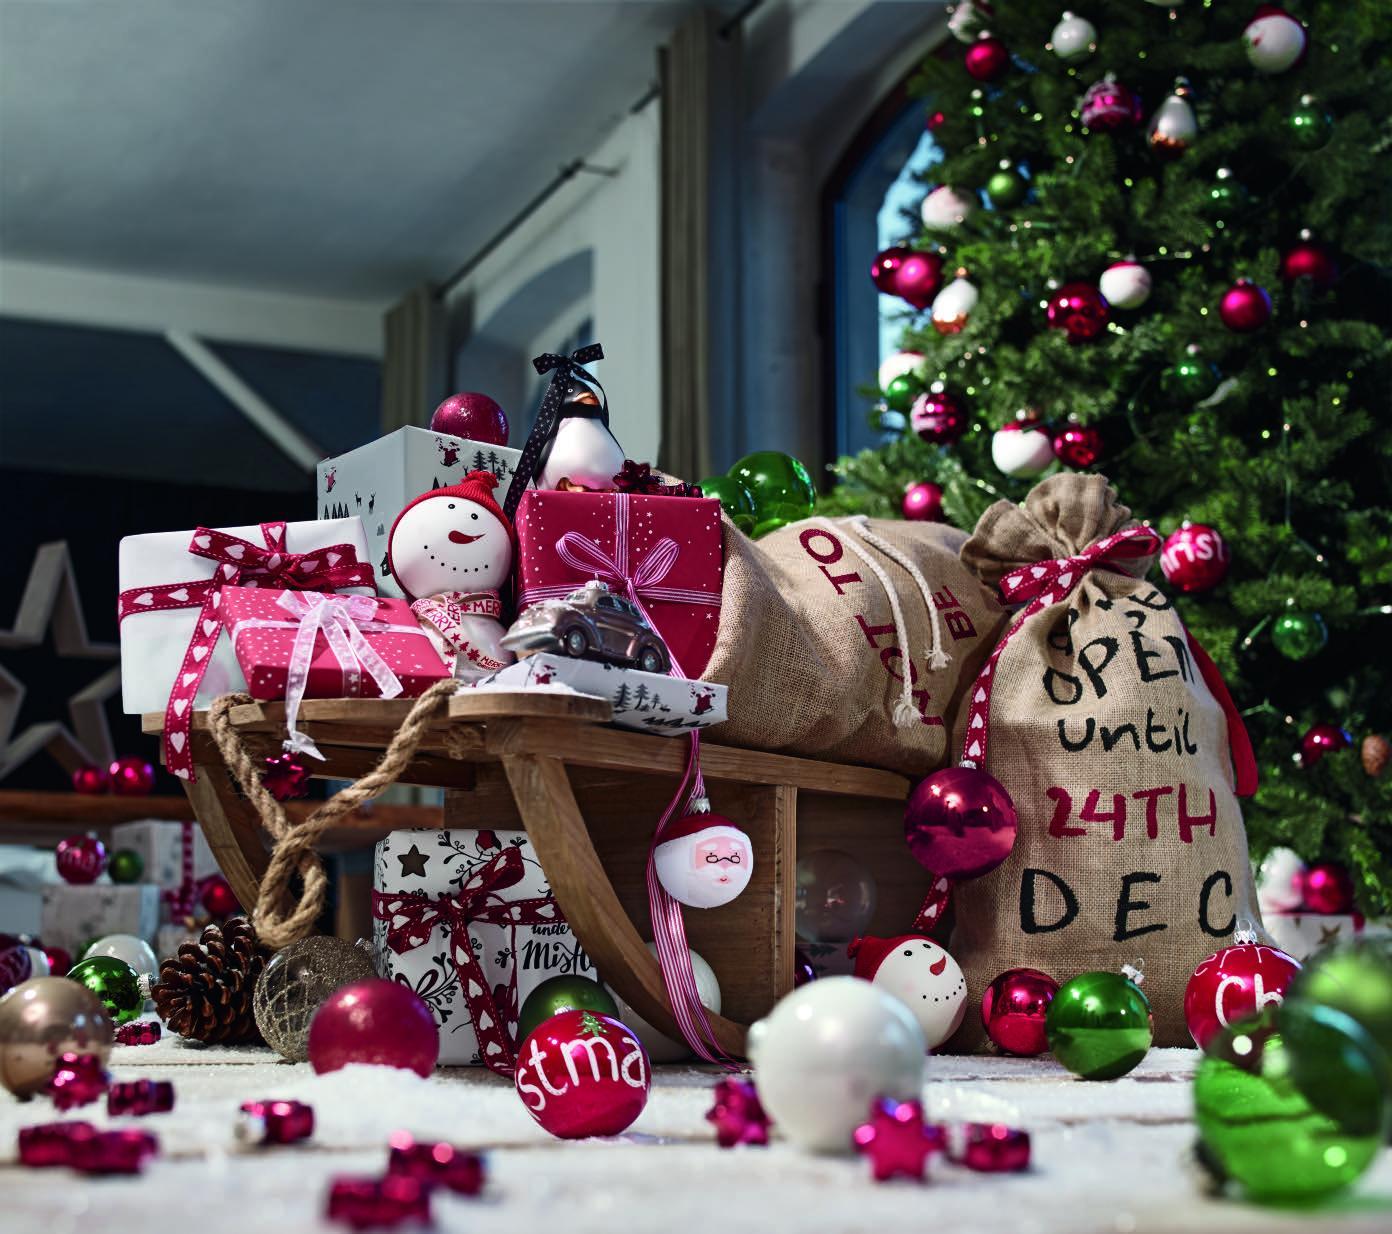 Weihnachtsdeko seite 7 bilder ideen couchstyle - Depot weihnachtsdeko ideen ...